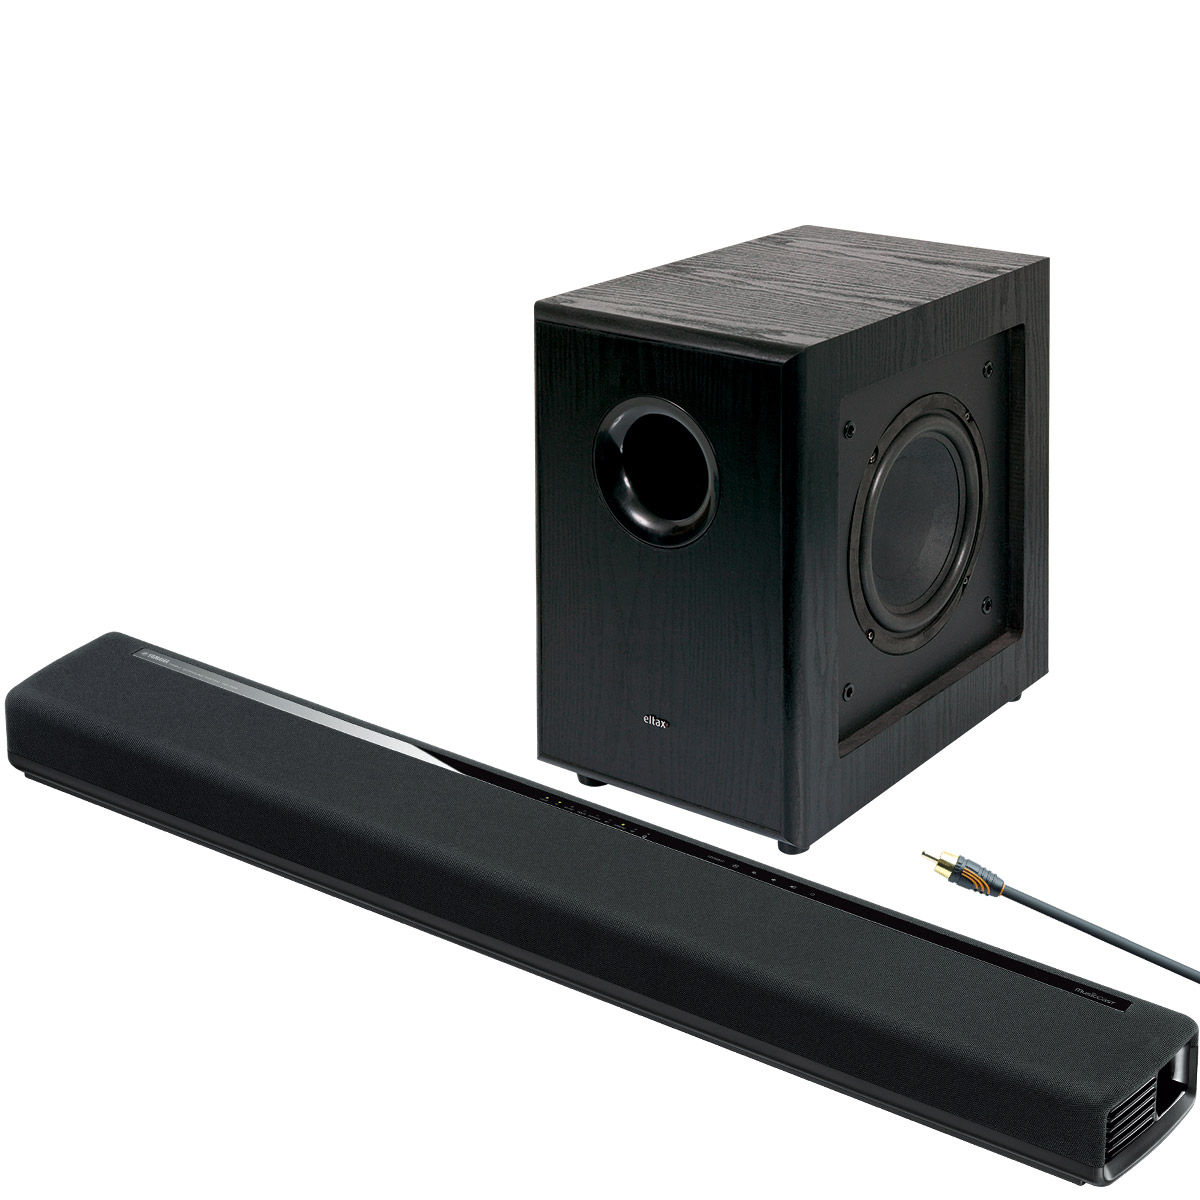 yamaha musiccast yas 306 eltax sw8 barres de son. Black Bedroom Furniture Sets. Home Design Ideas